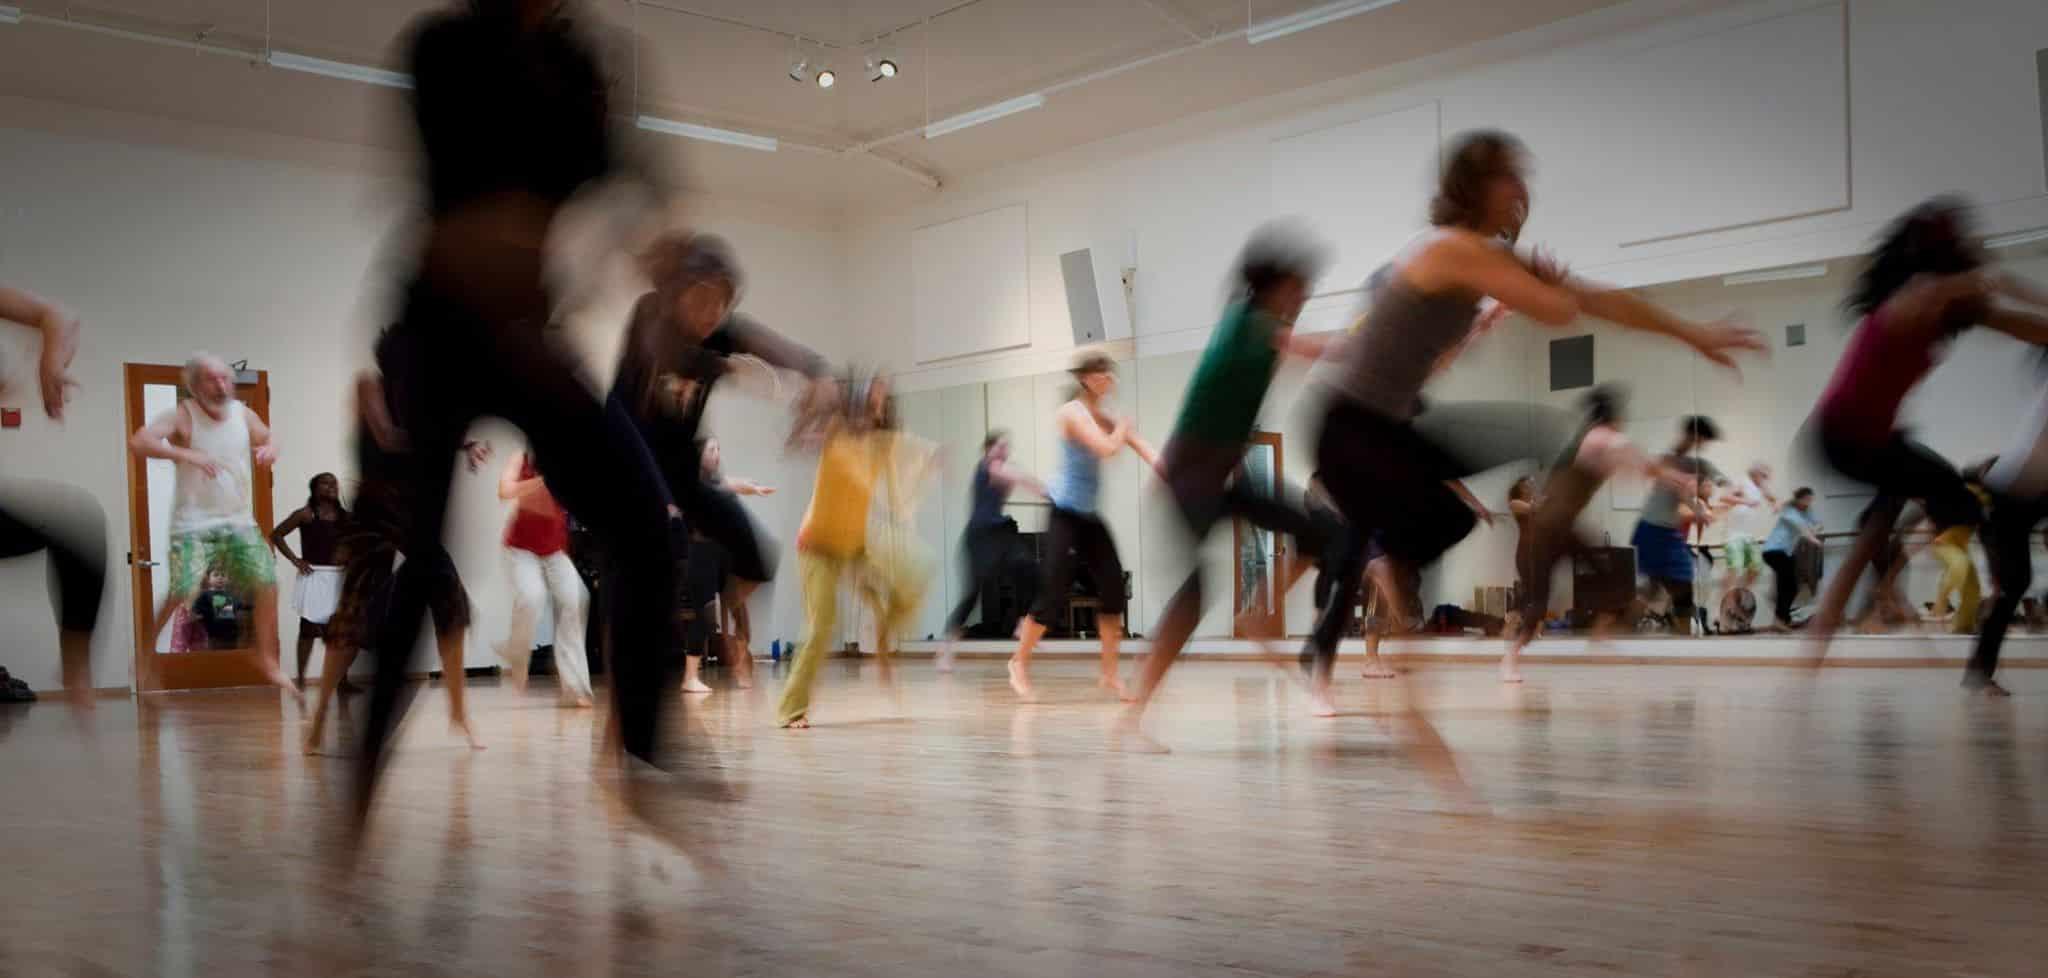 séjour linguistique sport danse activité